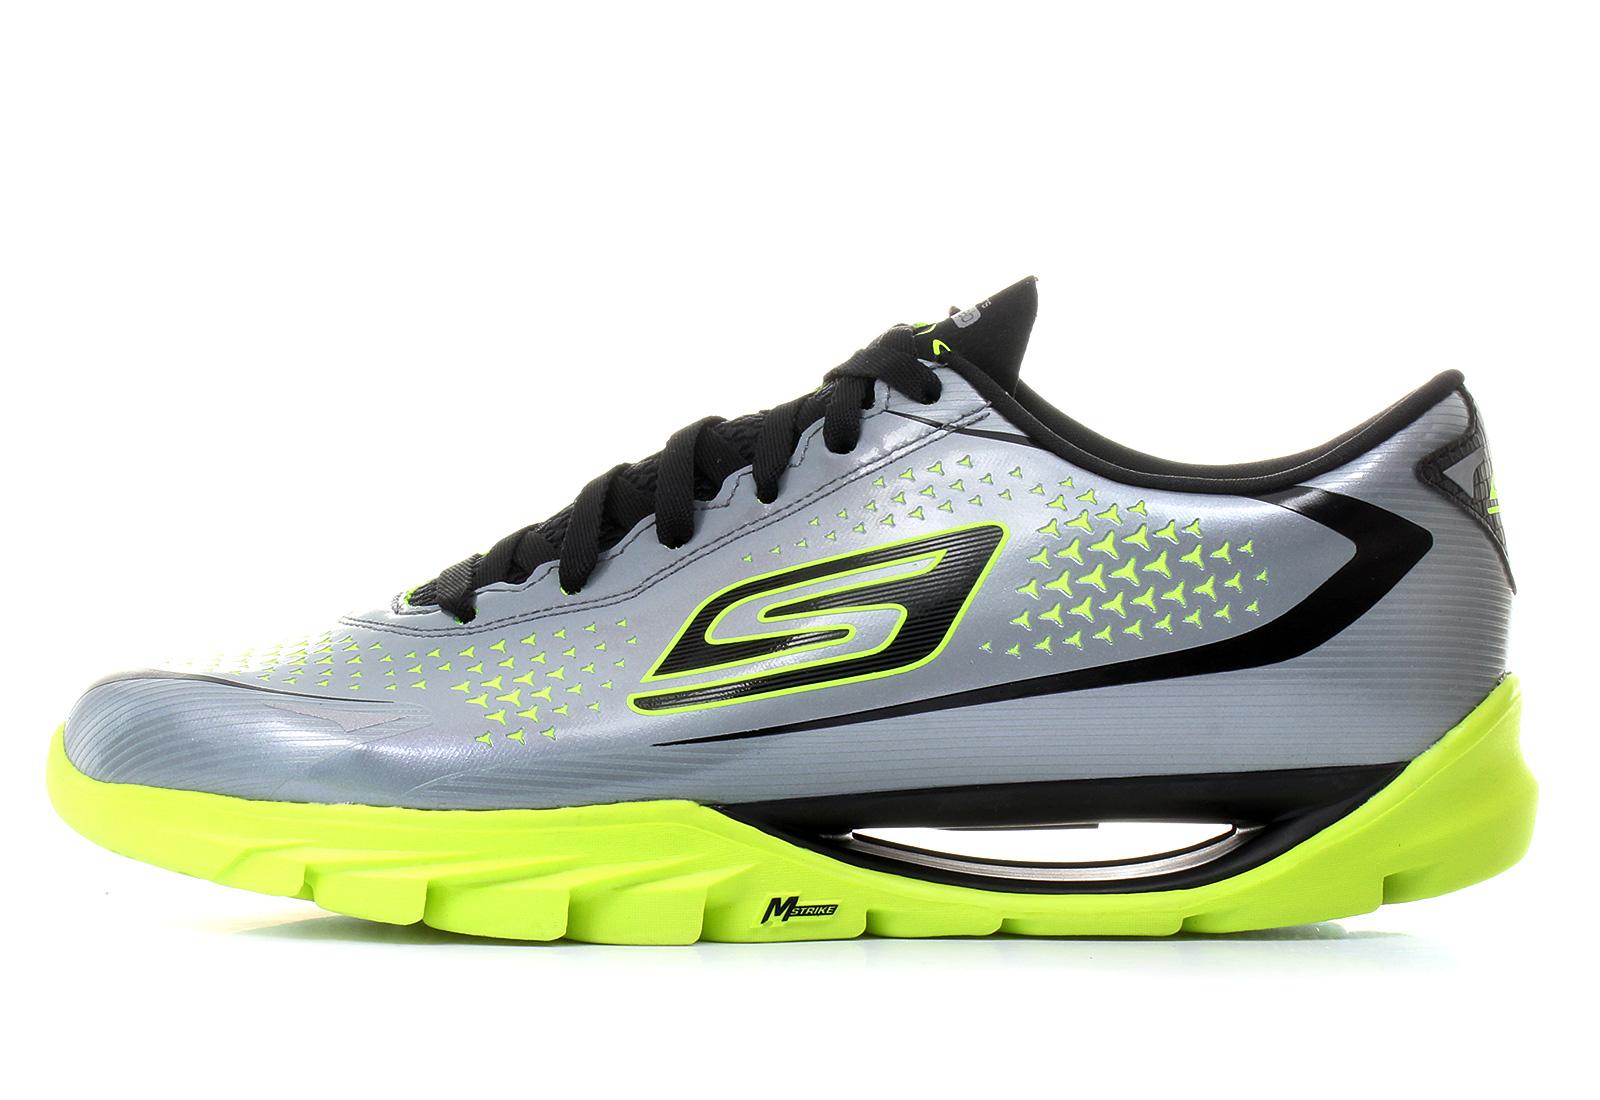 d60abb38d1b0 Skechers Cipő - Go Meb Krs - 53905-sllm - Online shop for sneakers ...